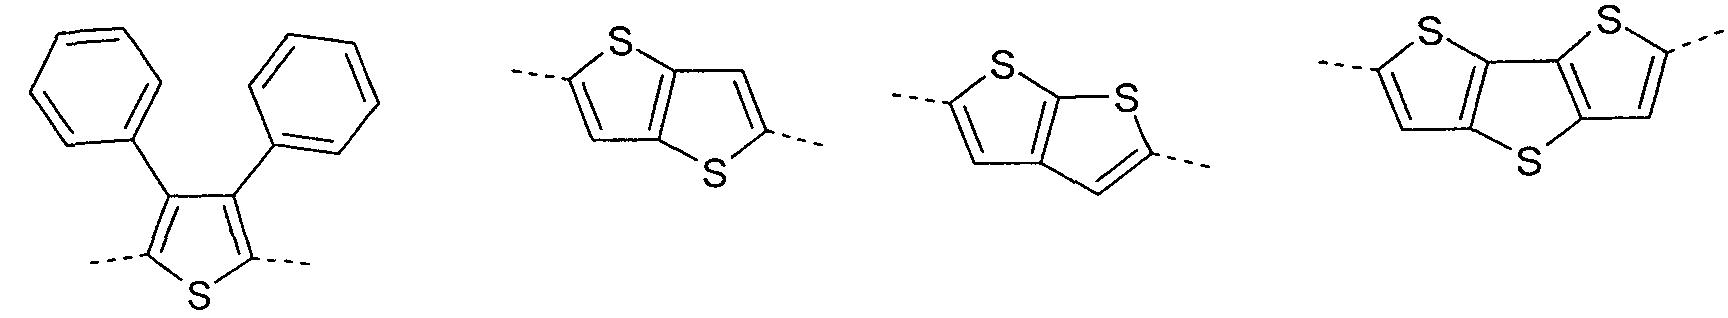 Figure imgf000029_0006